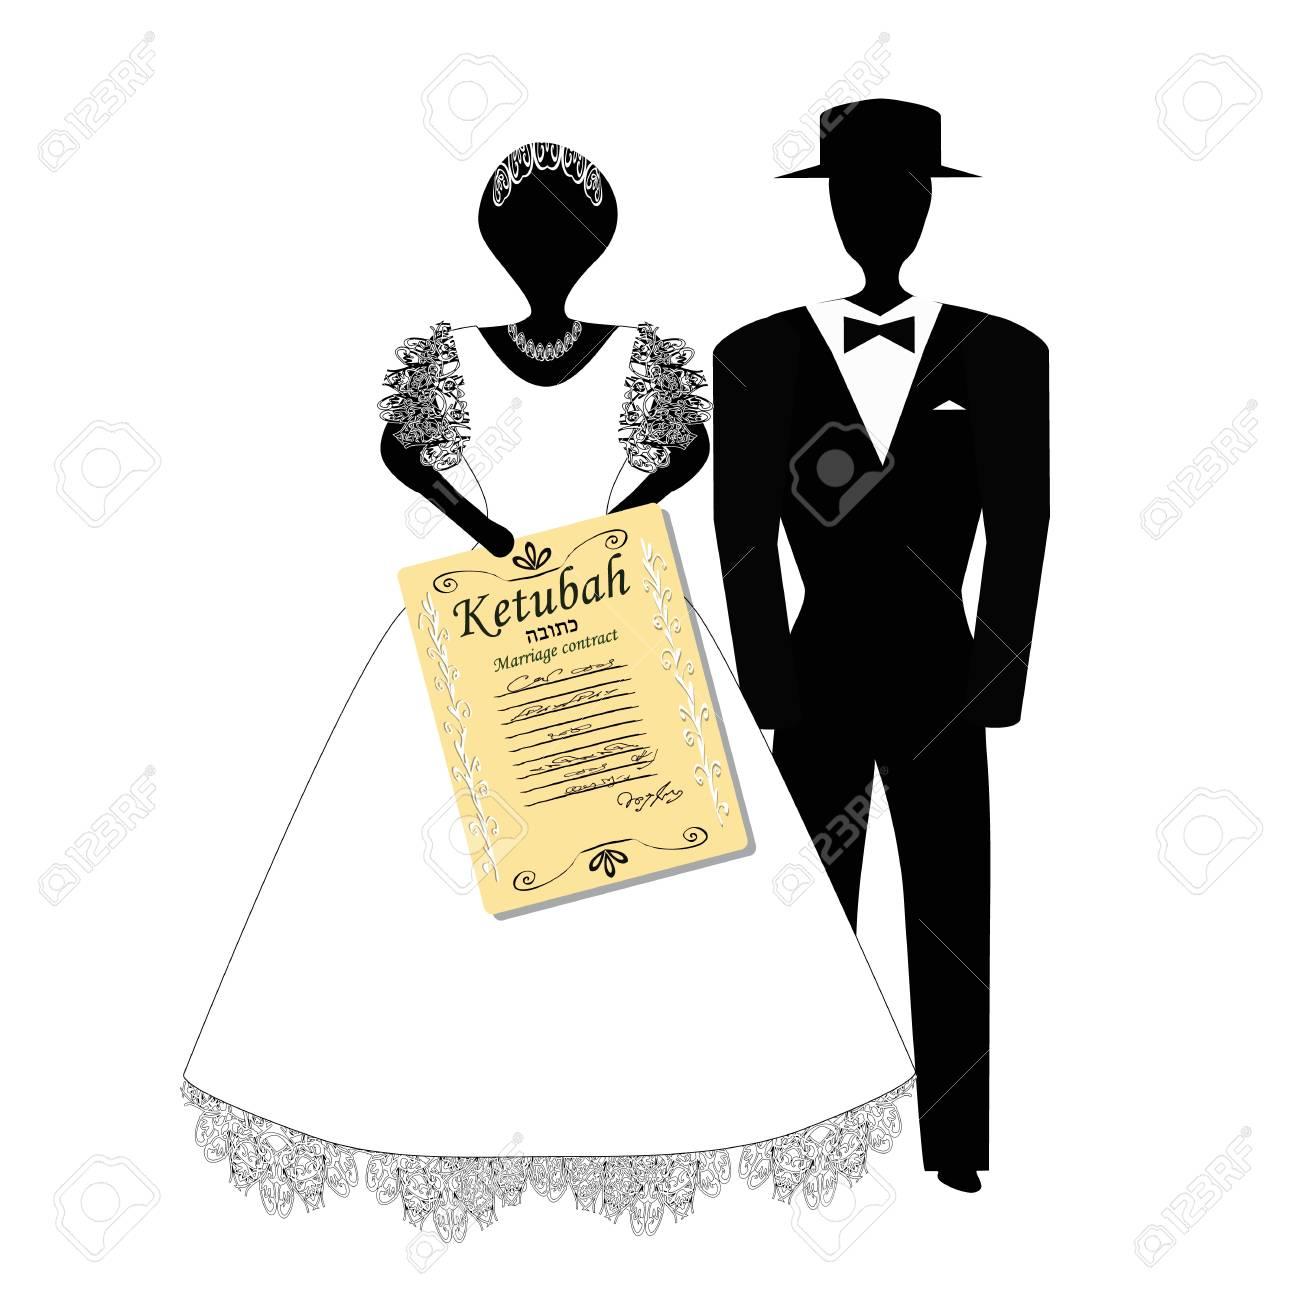 Der Brautigam Im Hut Und Die Braut Halt Ktuba Hebraisch In Der